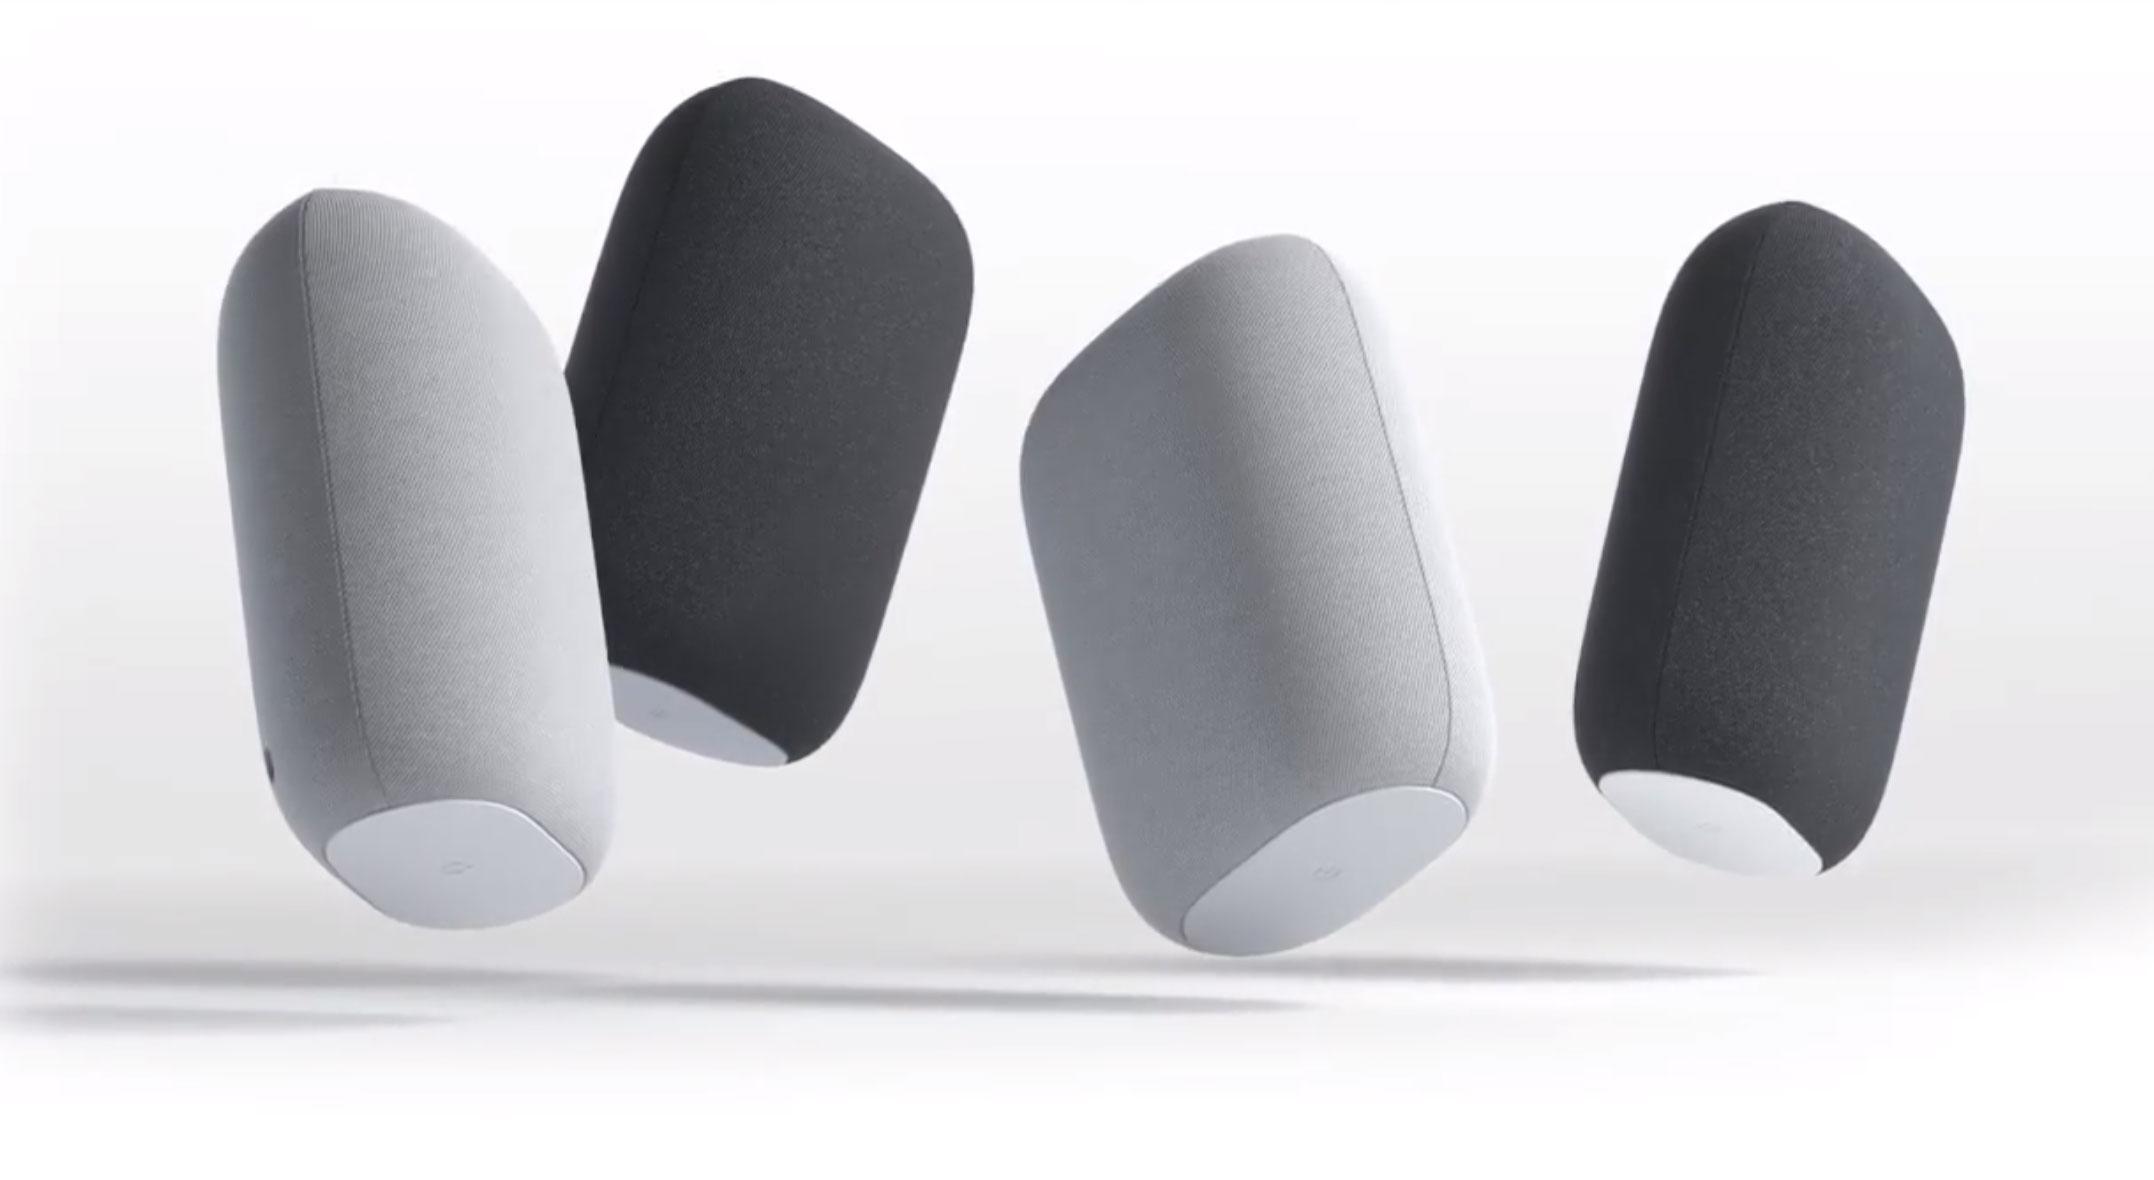 Dette lanserte Google: Ny smarthøyttaler til Norge